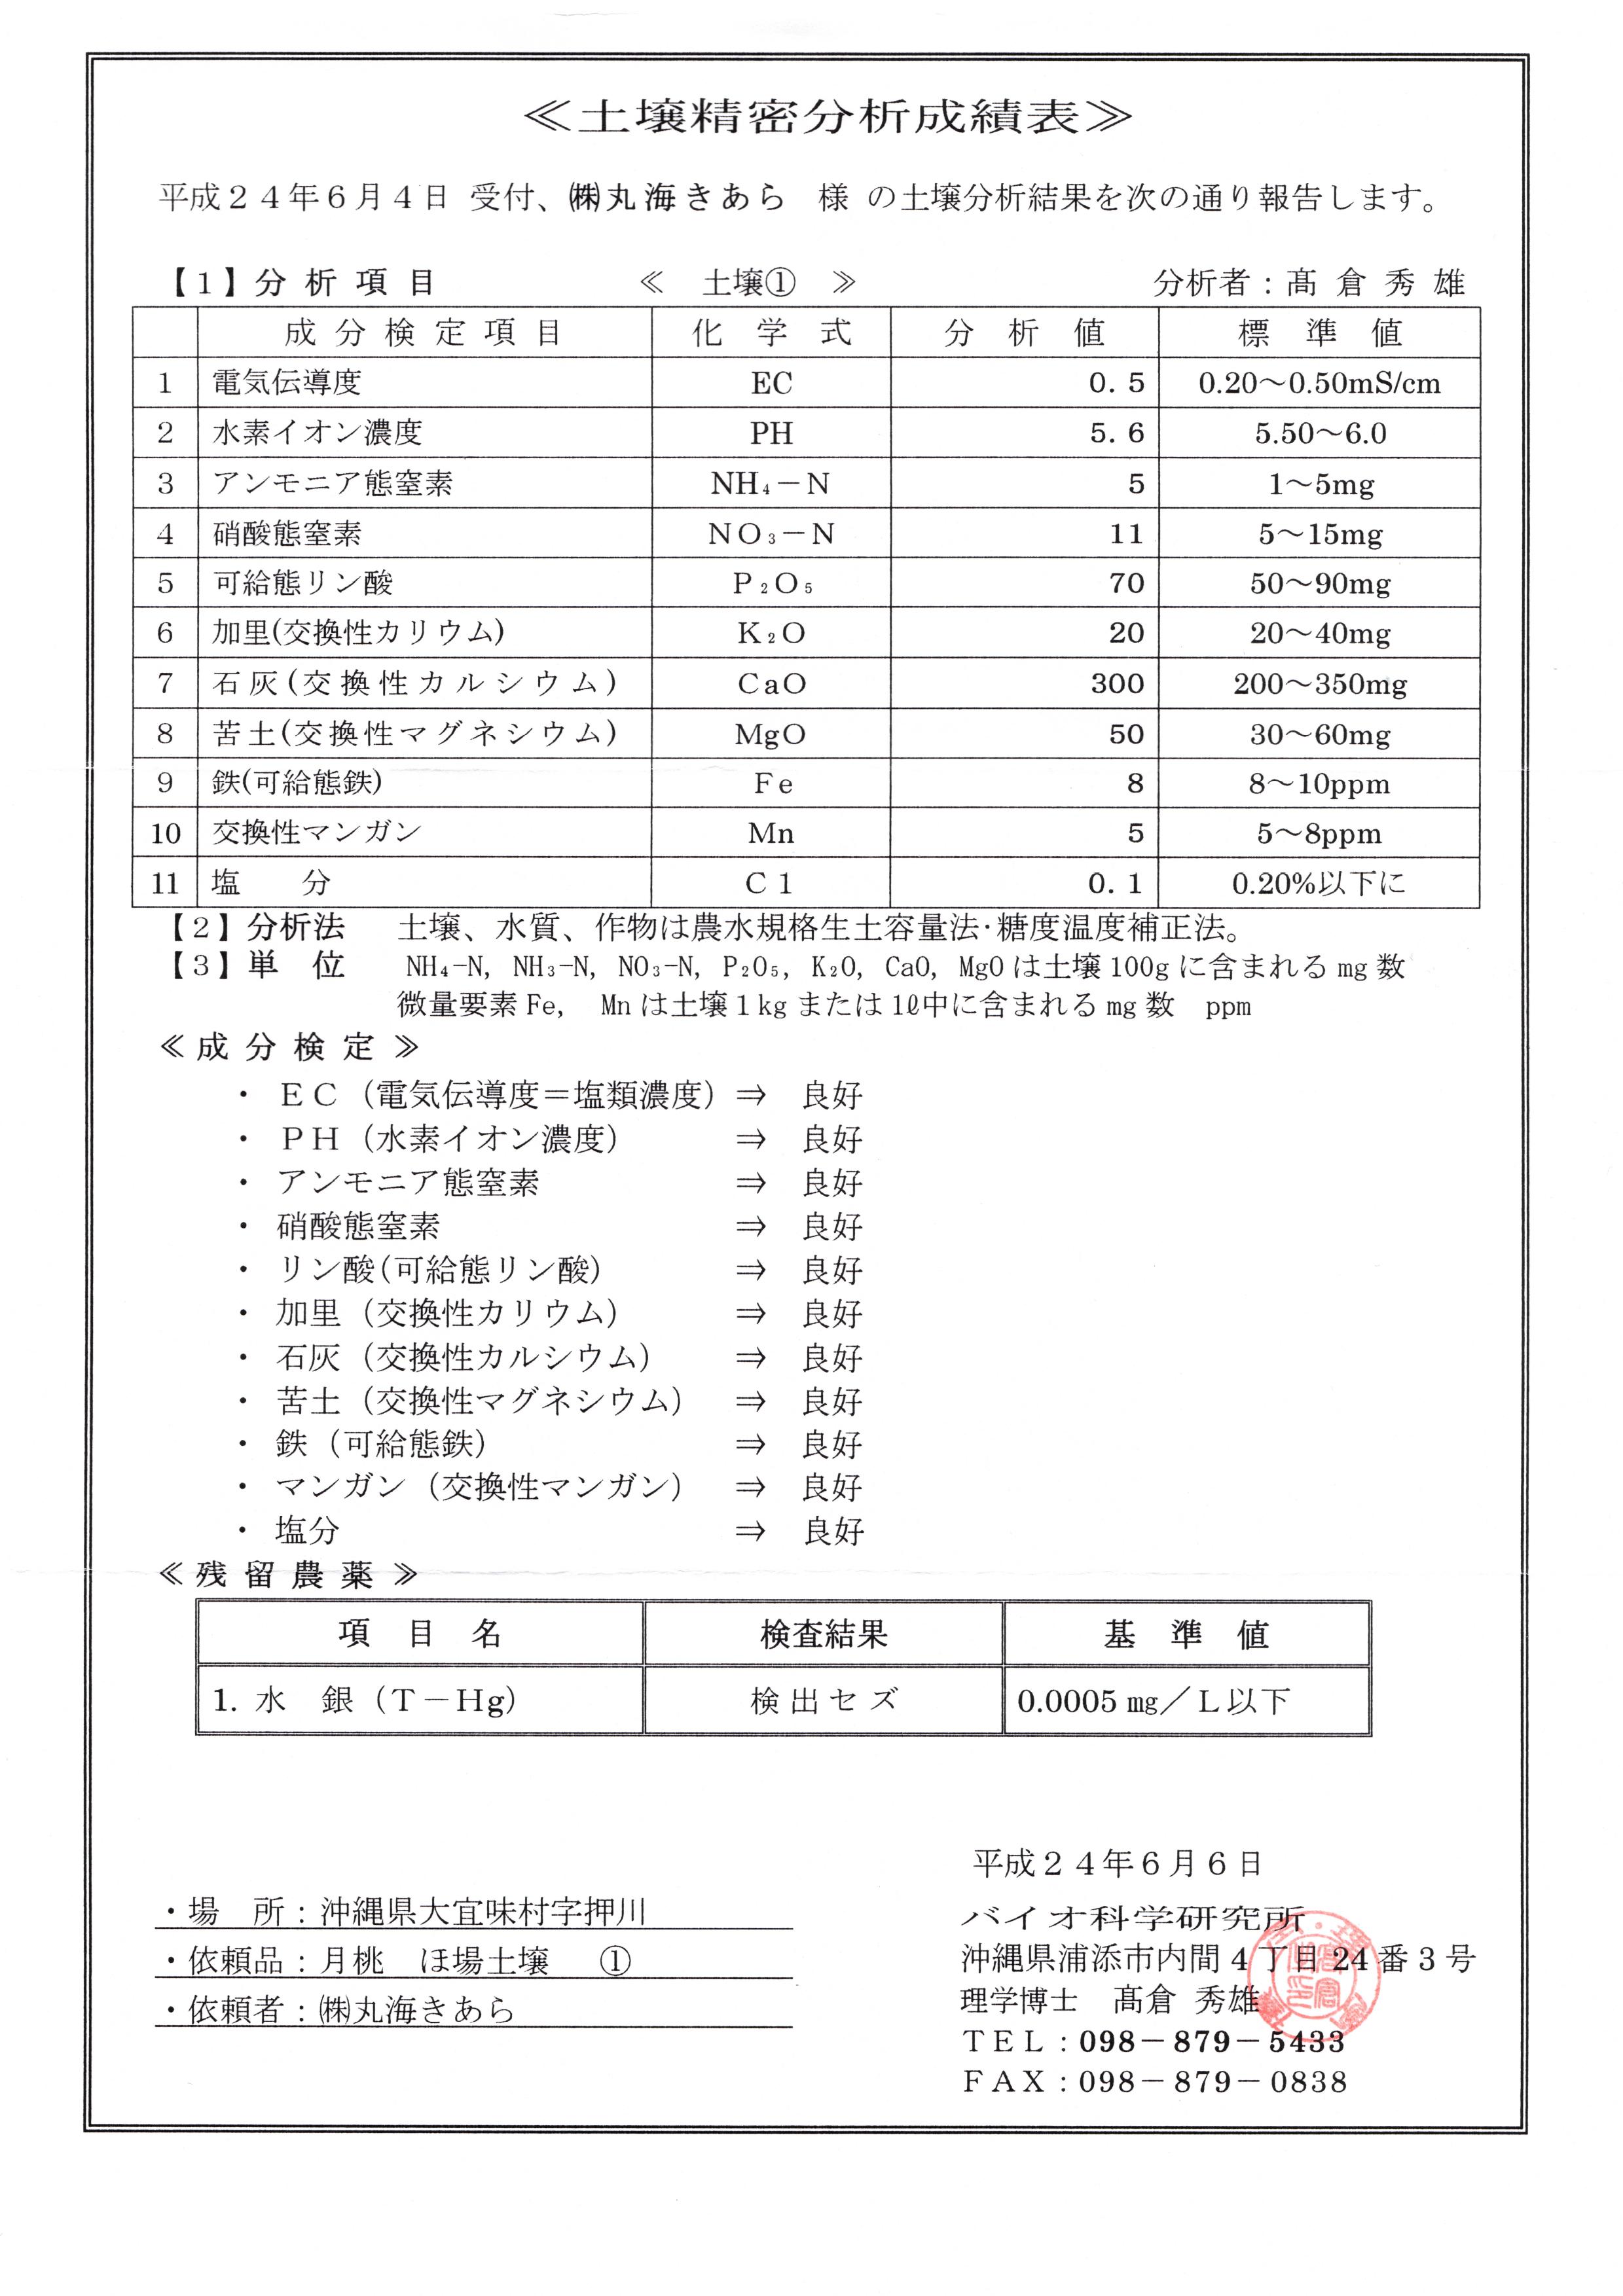 土壌精密分析成績表-1